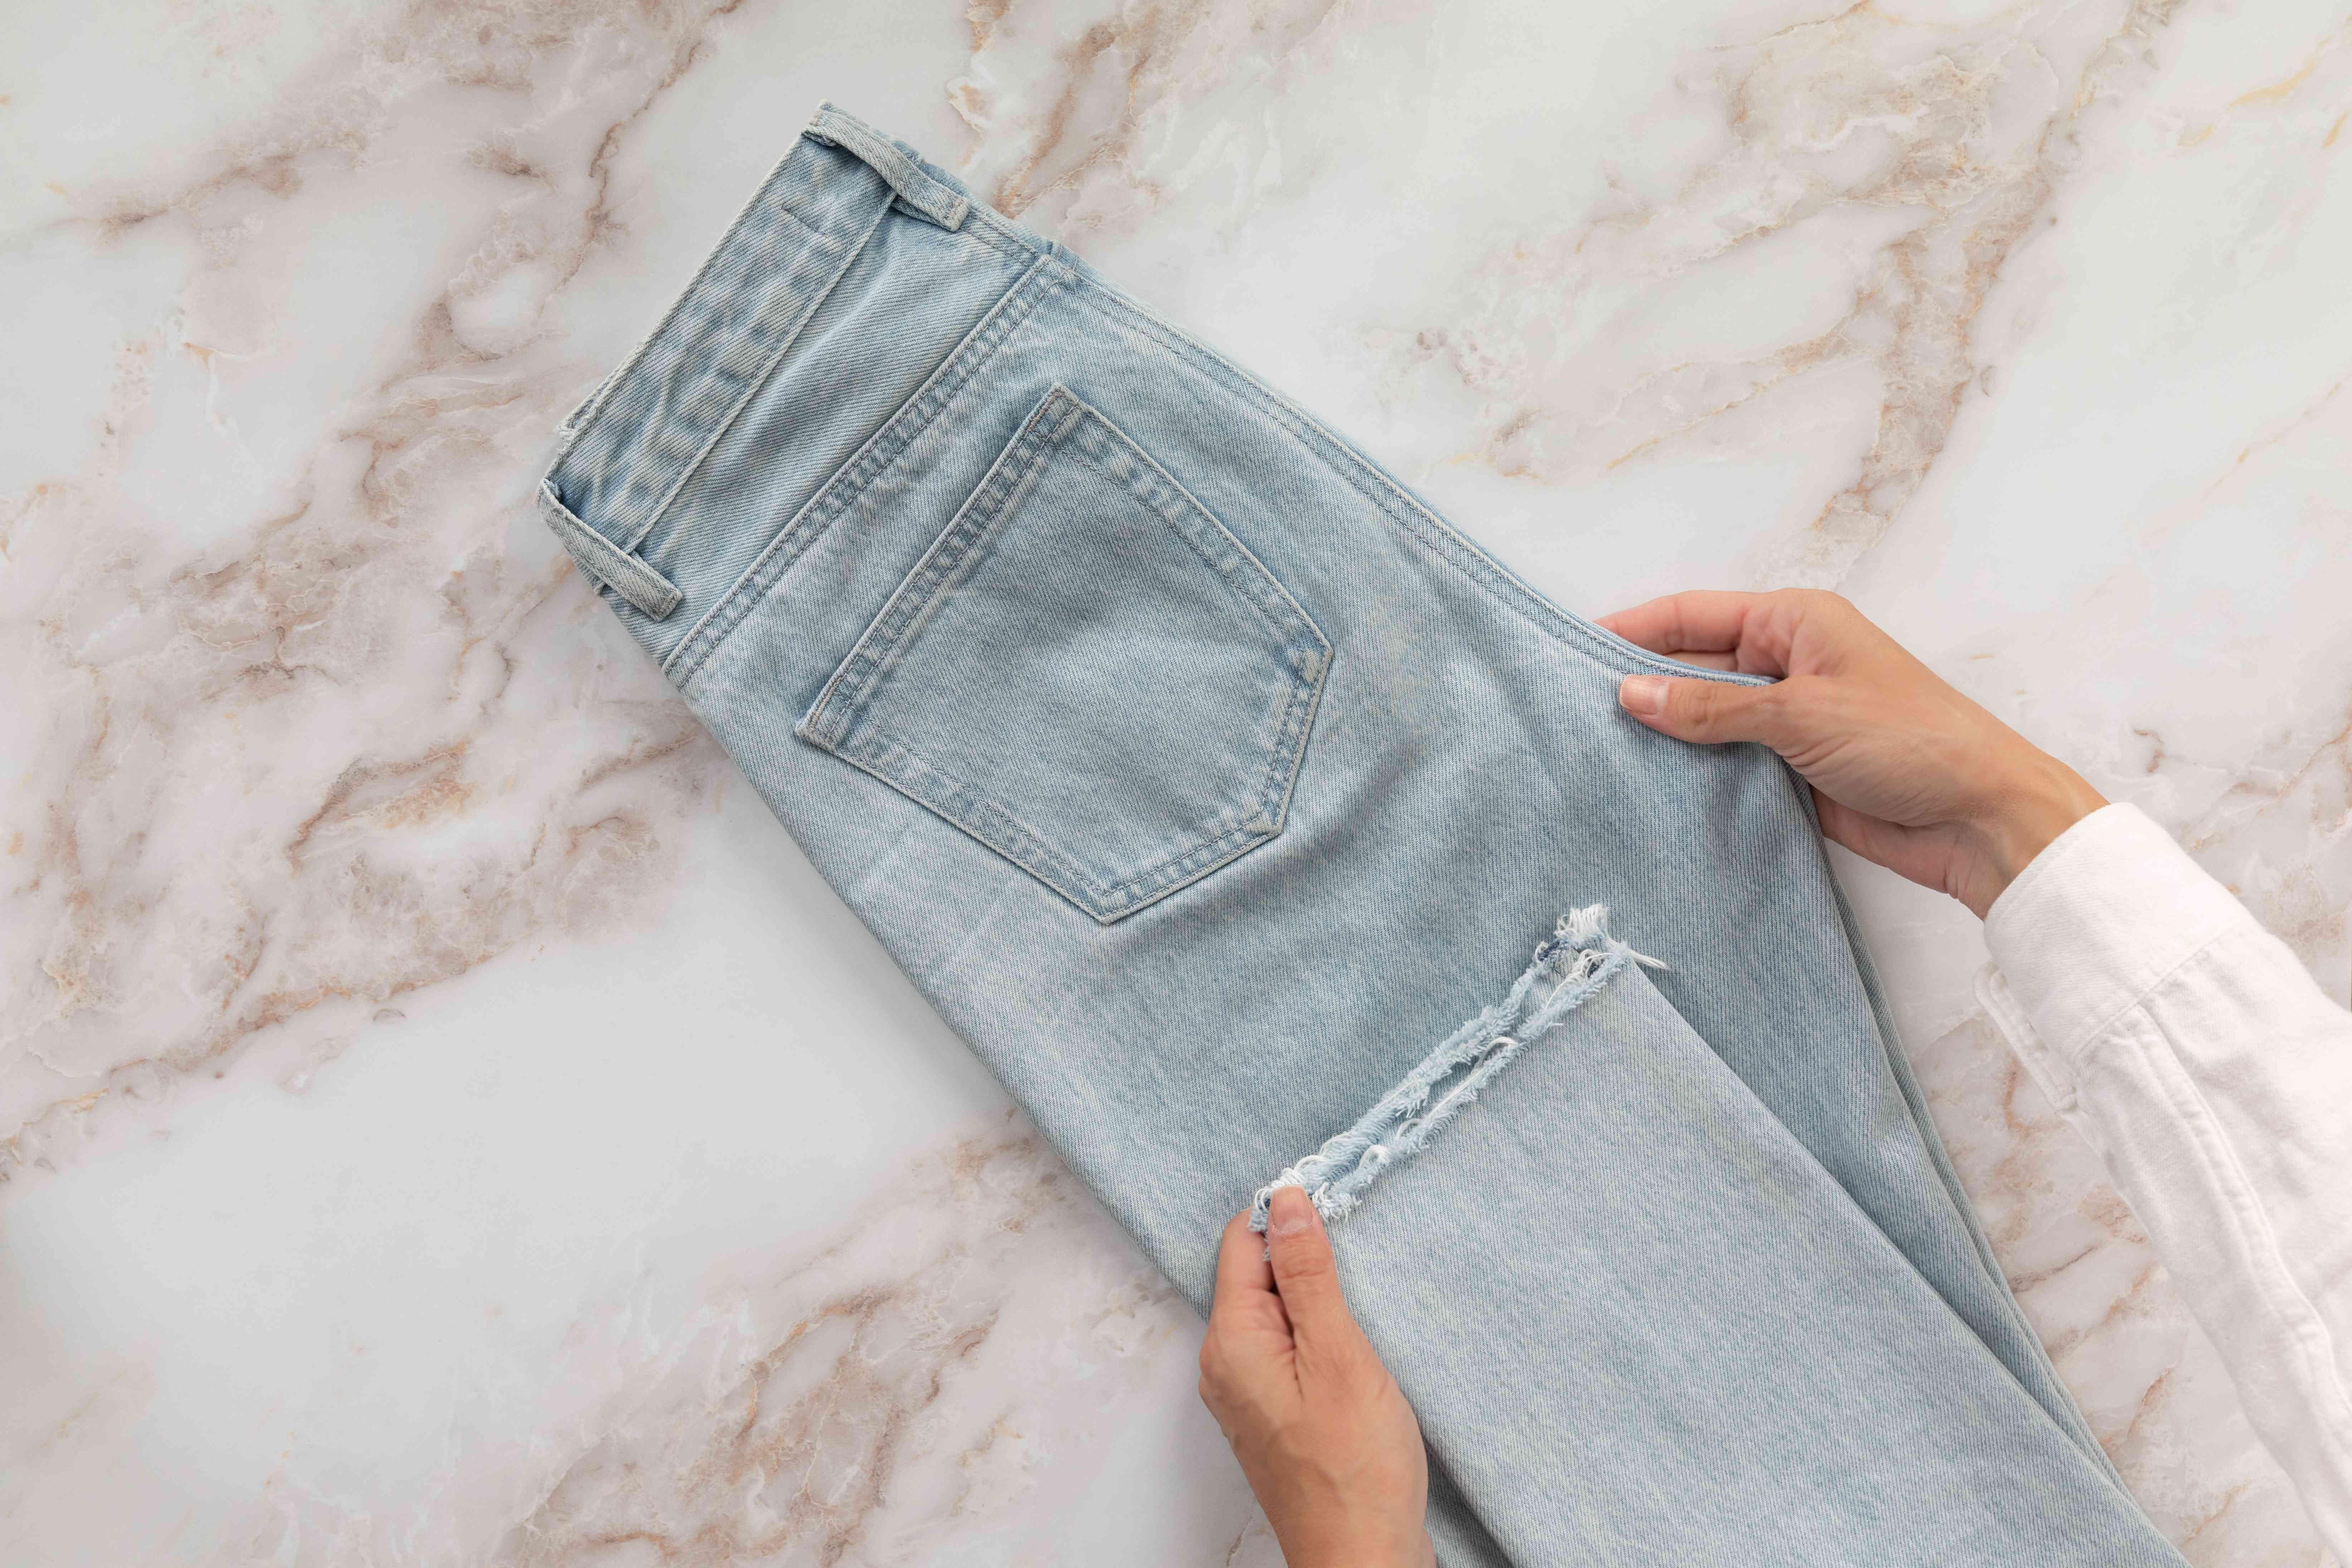 Jean leg cuff folded in half up toward leg